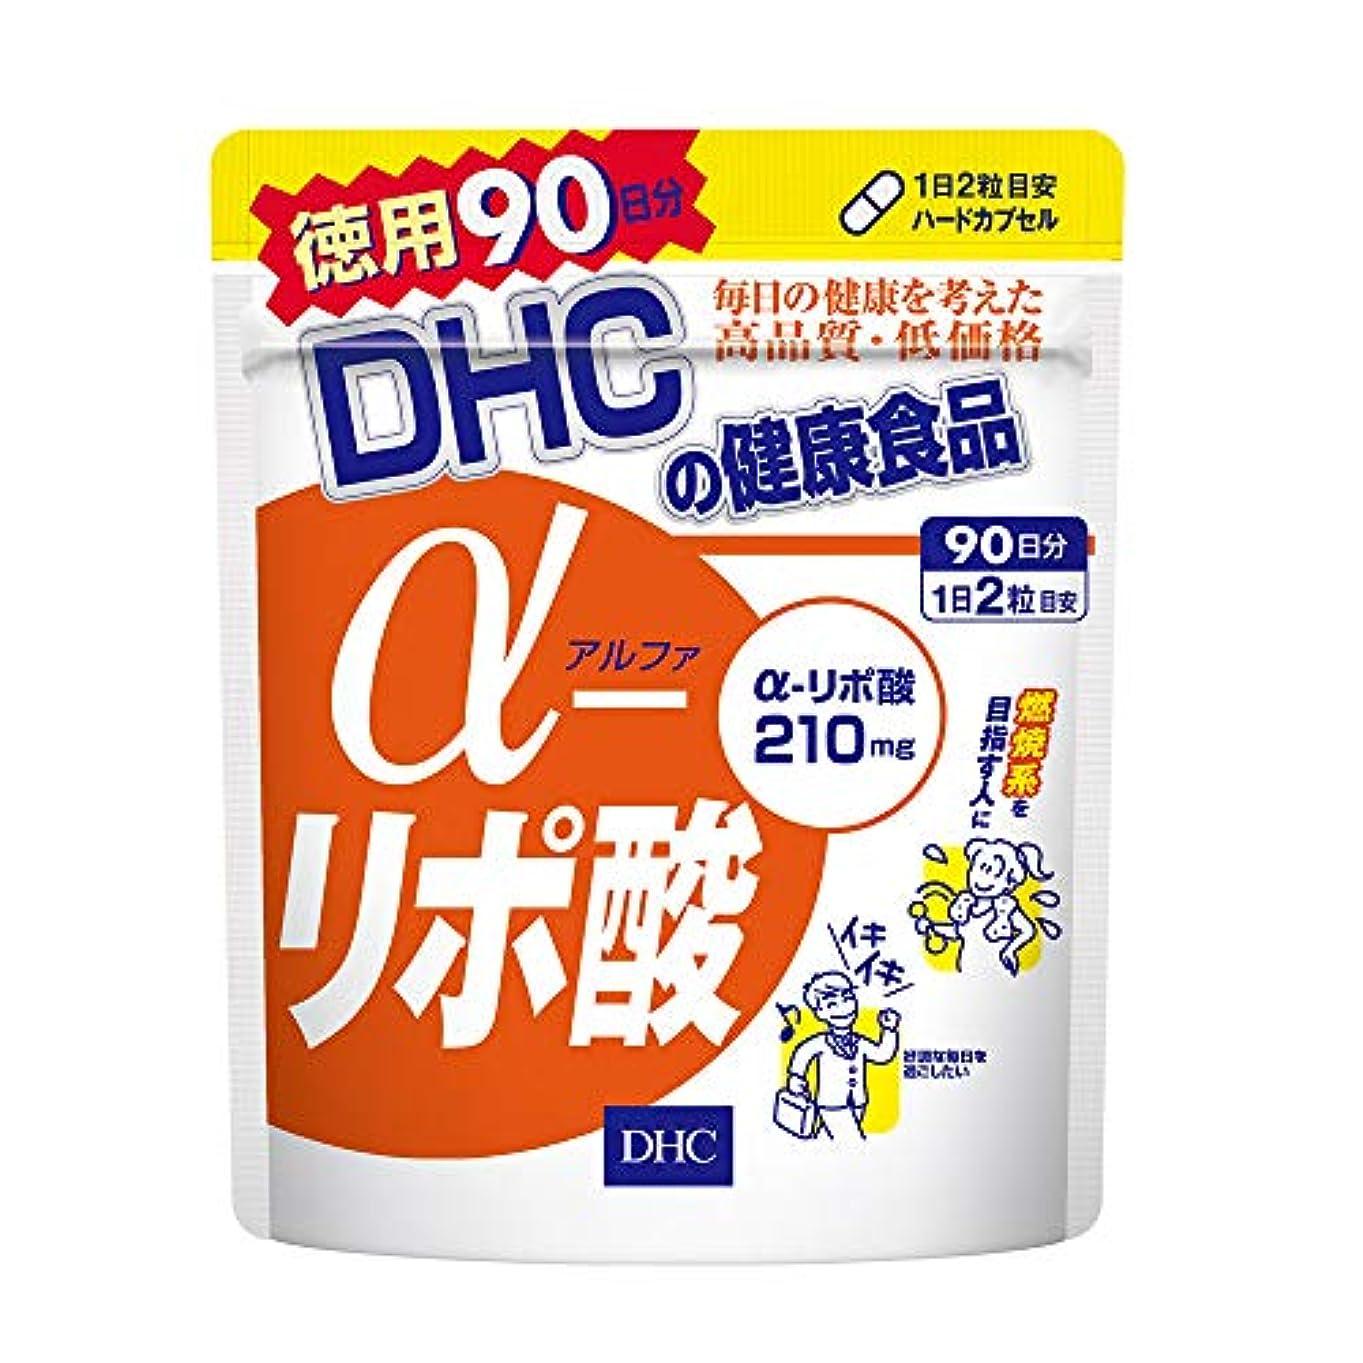 中止します肺炎ラバDHC α(アルファ)-リポ酸 徳用90日分